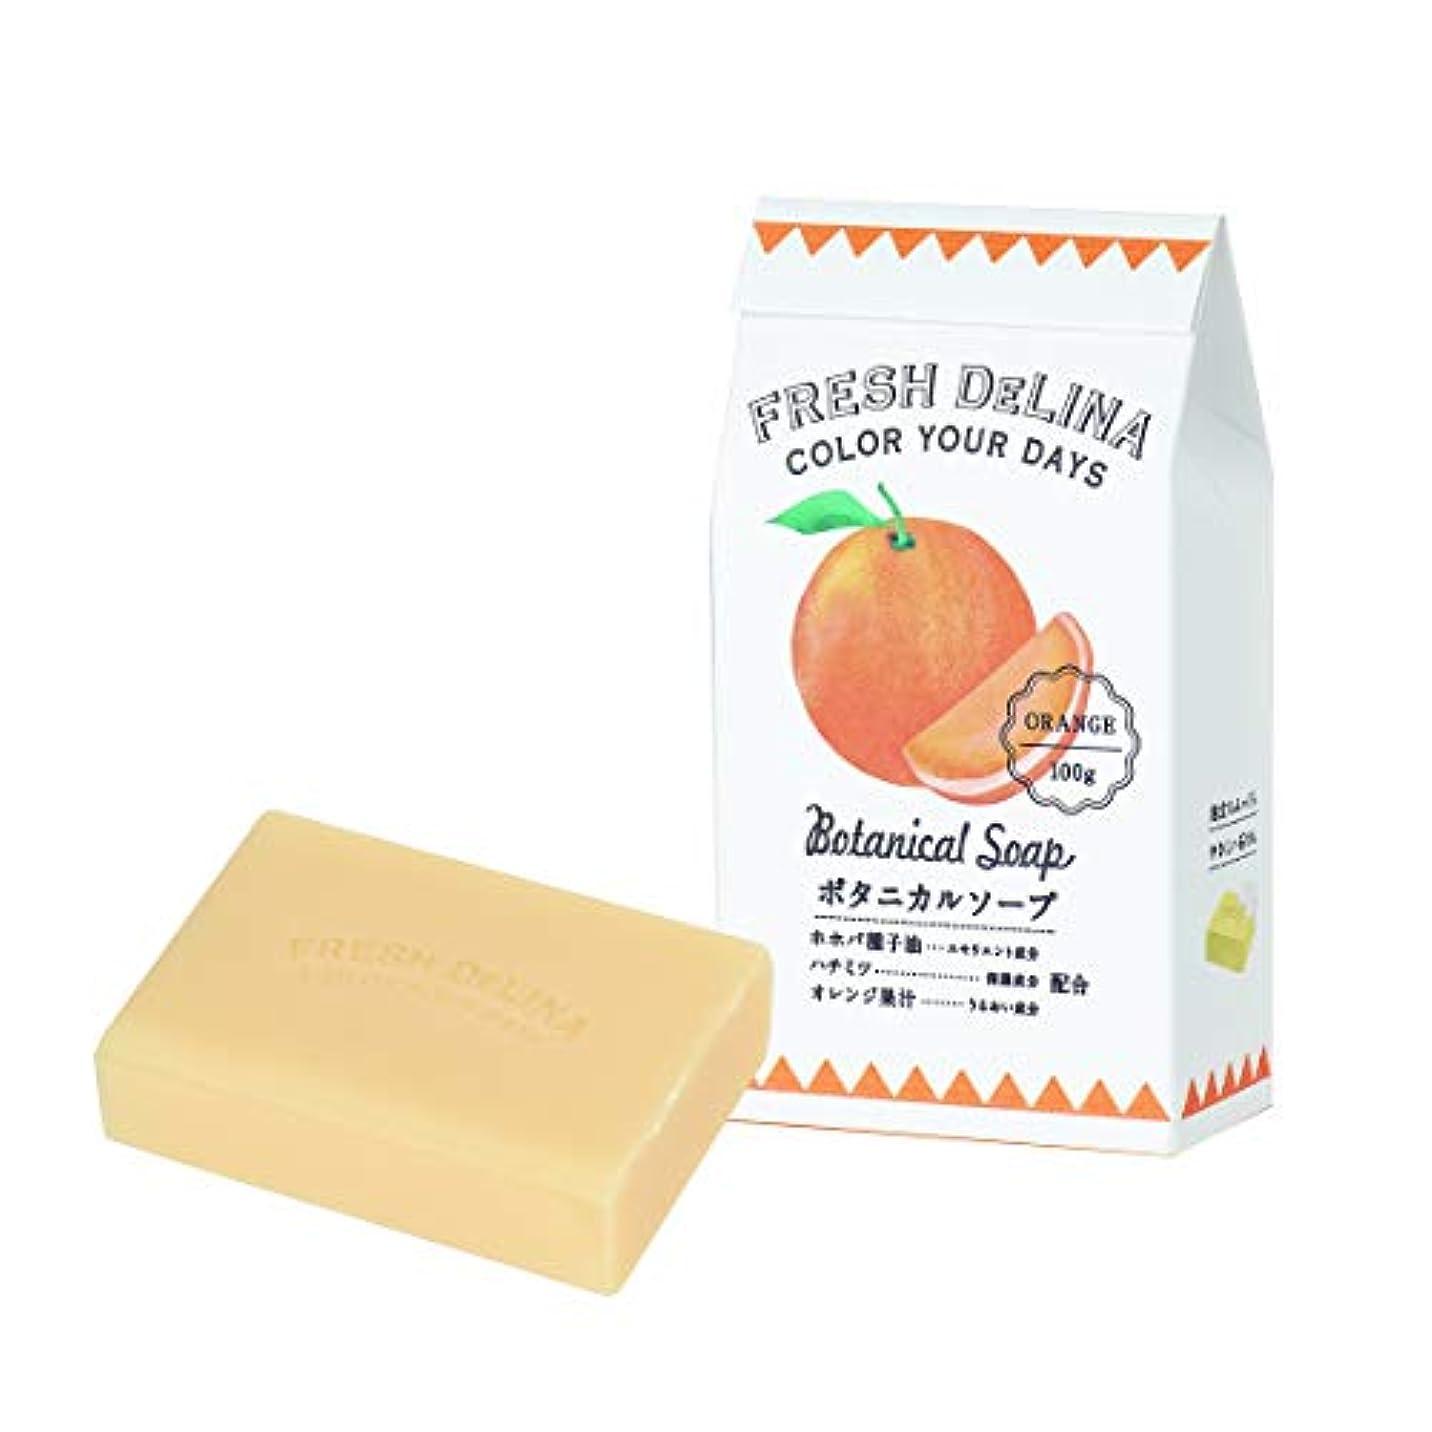 アナウンサー調べる国フレッシュデリーナ ボタニカルソープ オレンジ 100g